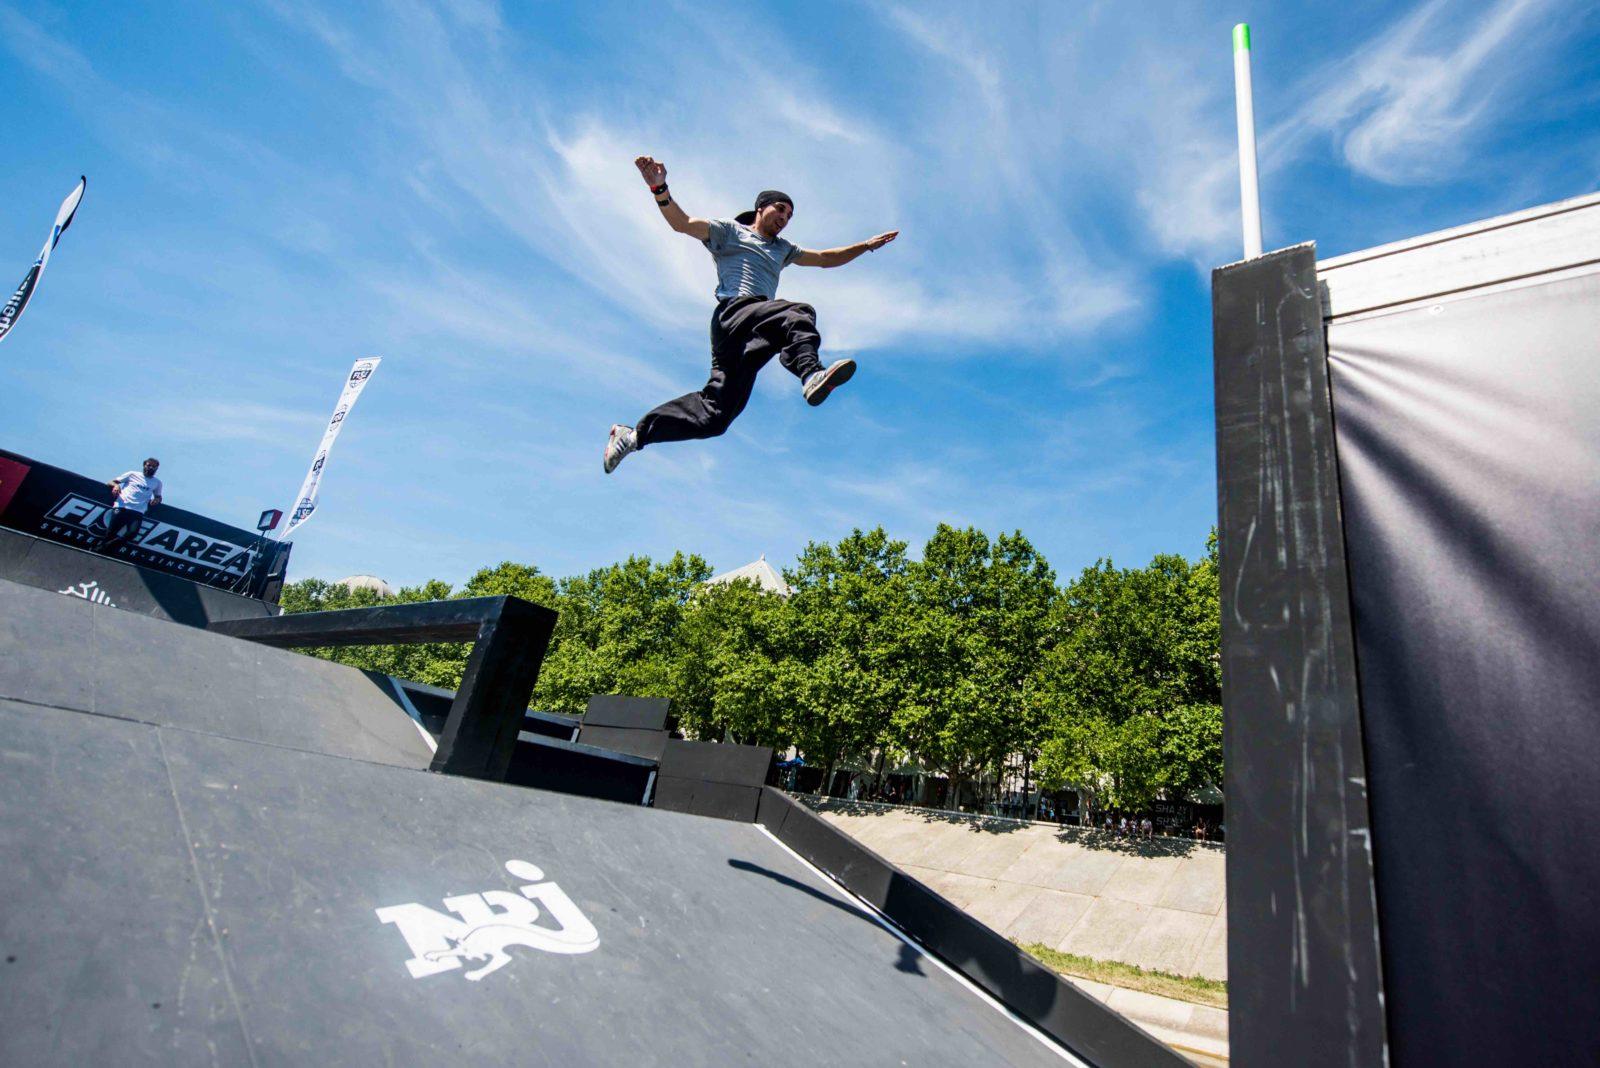 FISEMontpellier2017Parkour - Bmx, skate, wake... : rendez-vous au Fise pour supporter les meilleurs riders internationaux